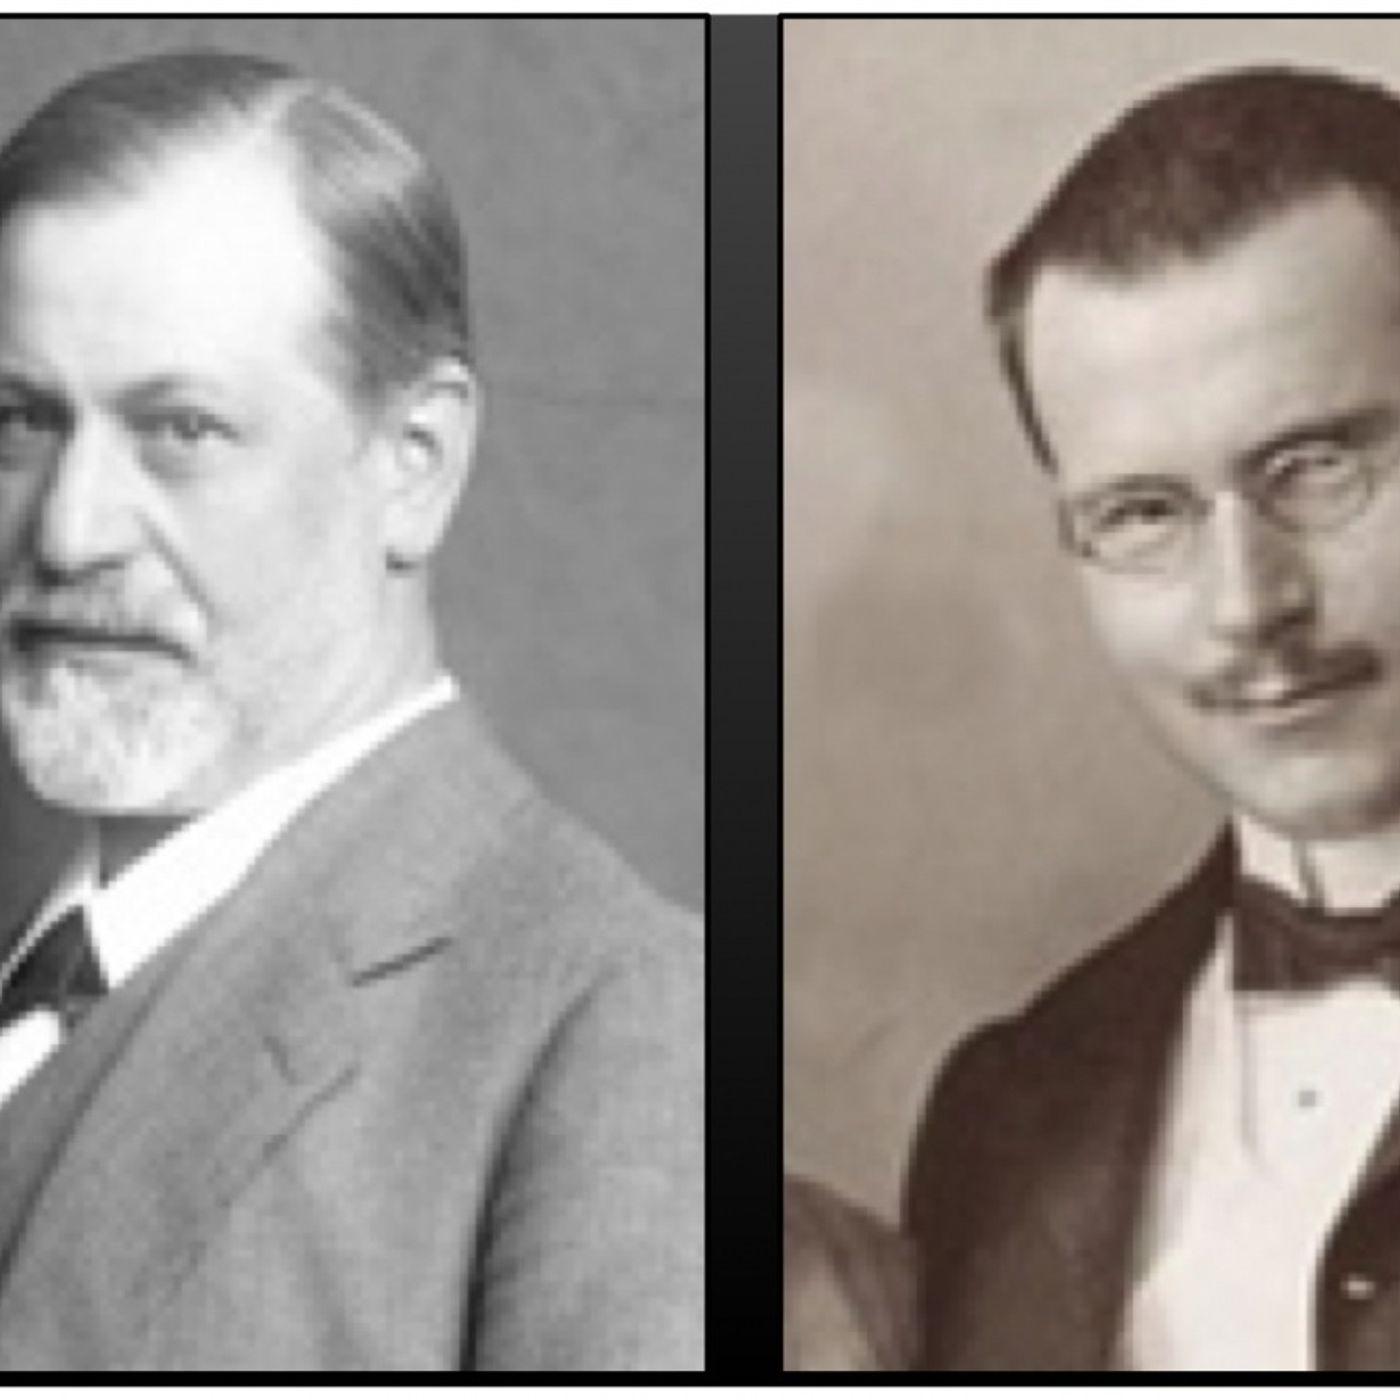 La amistad entre Freud y Jung